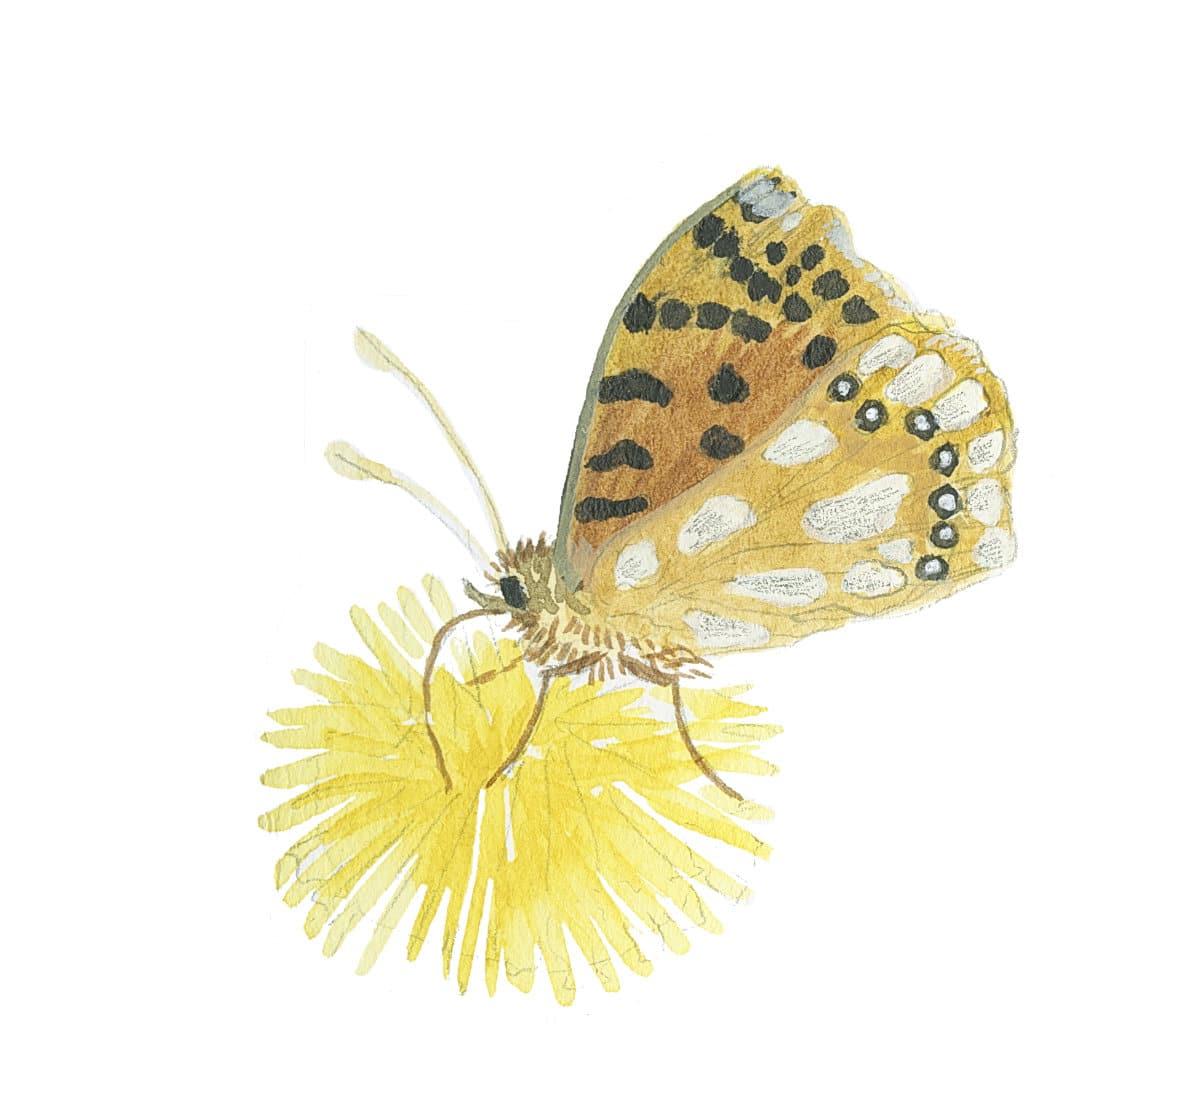 Fritillary sketch in watercolor